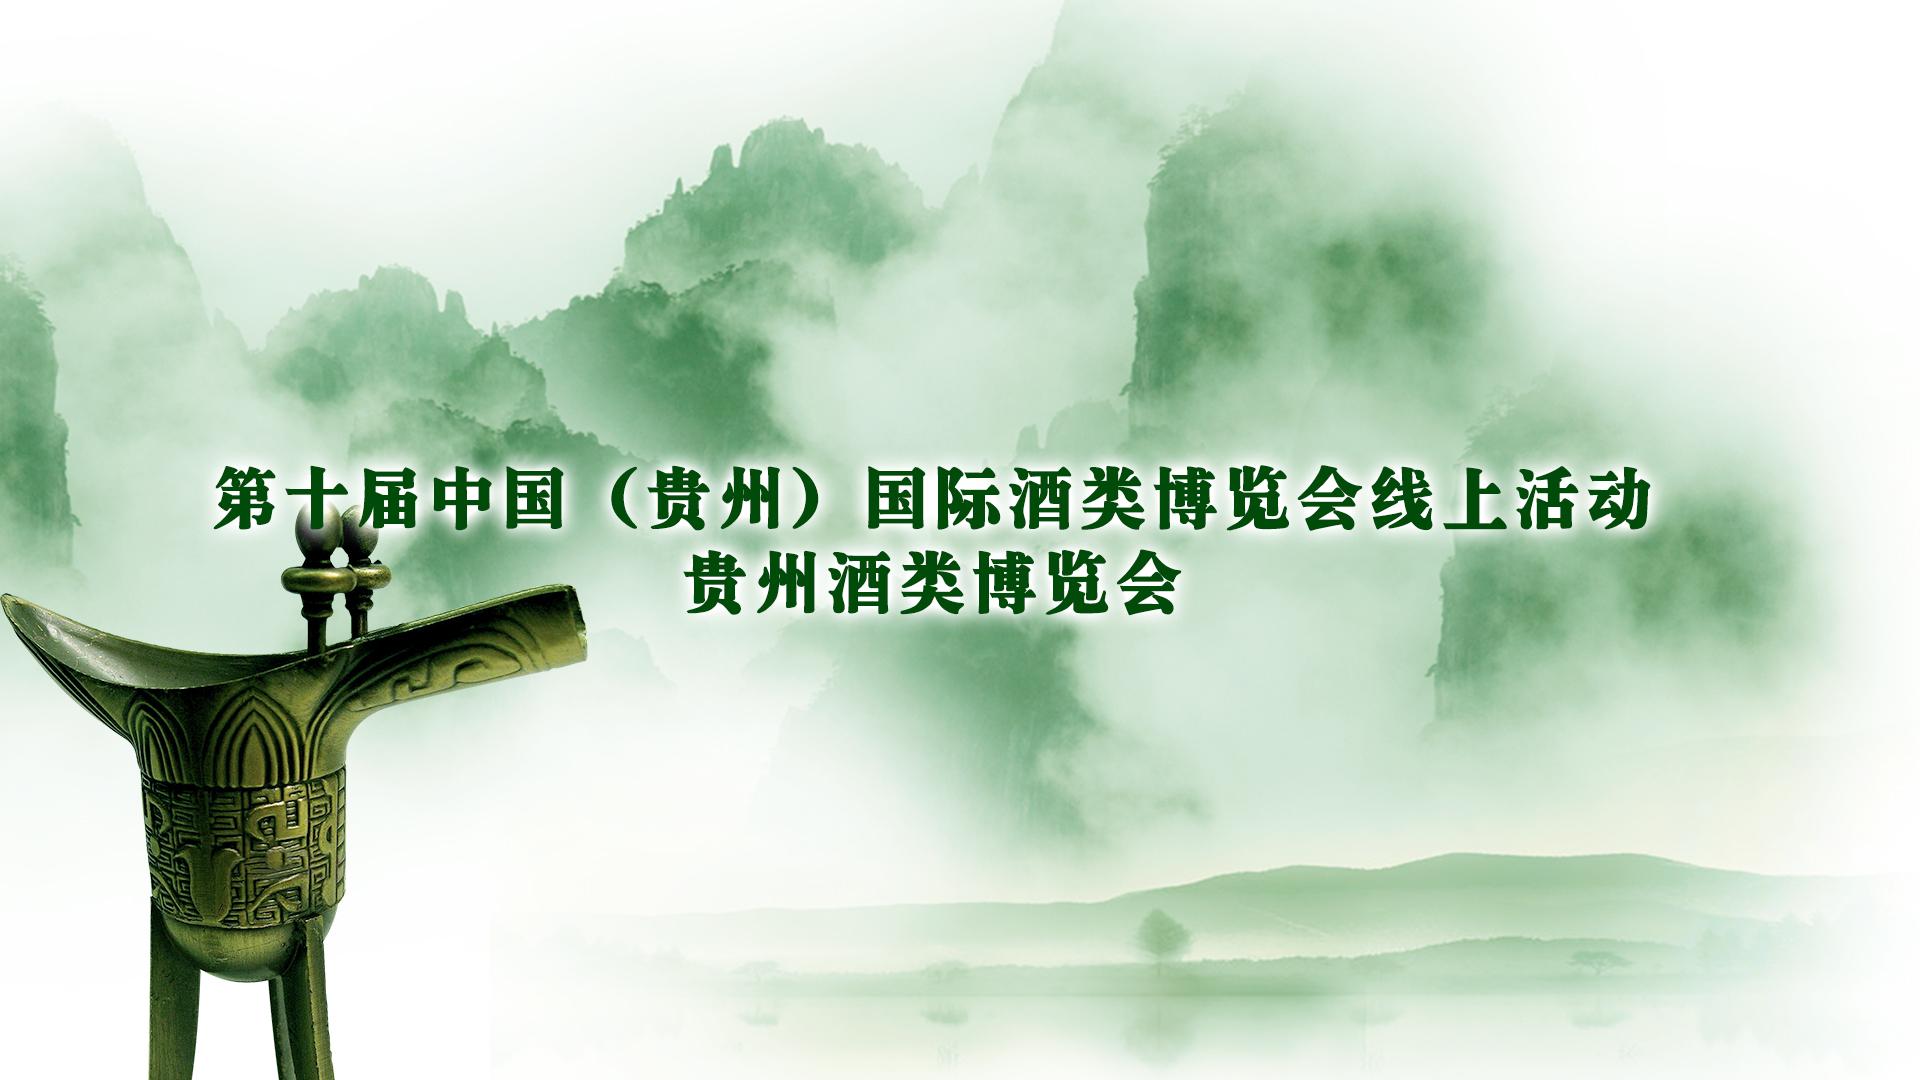 第十届中国(英国威廉希尔娱乐)国际酒类博览会线上活动、英国威廉希尔娱乐酒类博览会